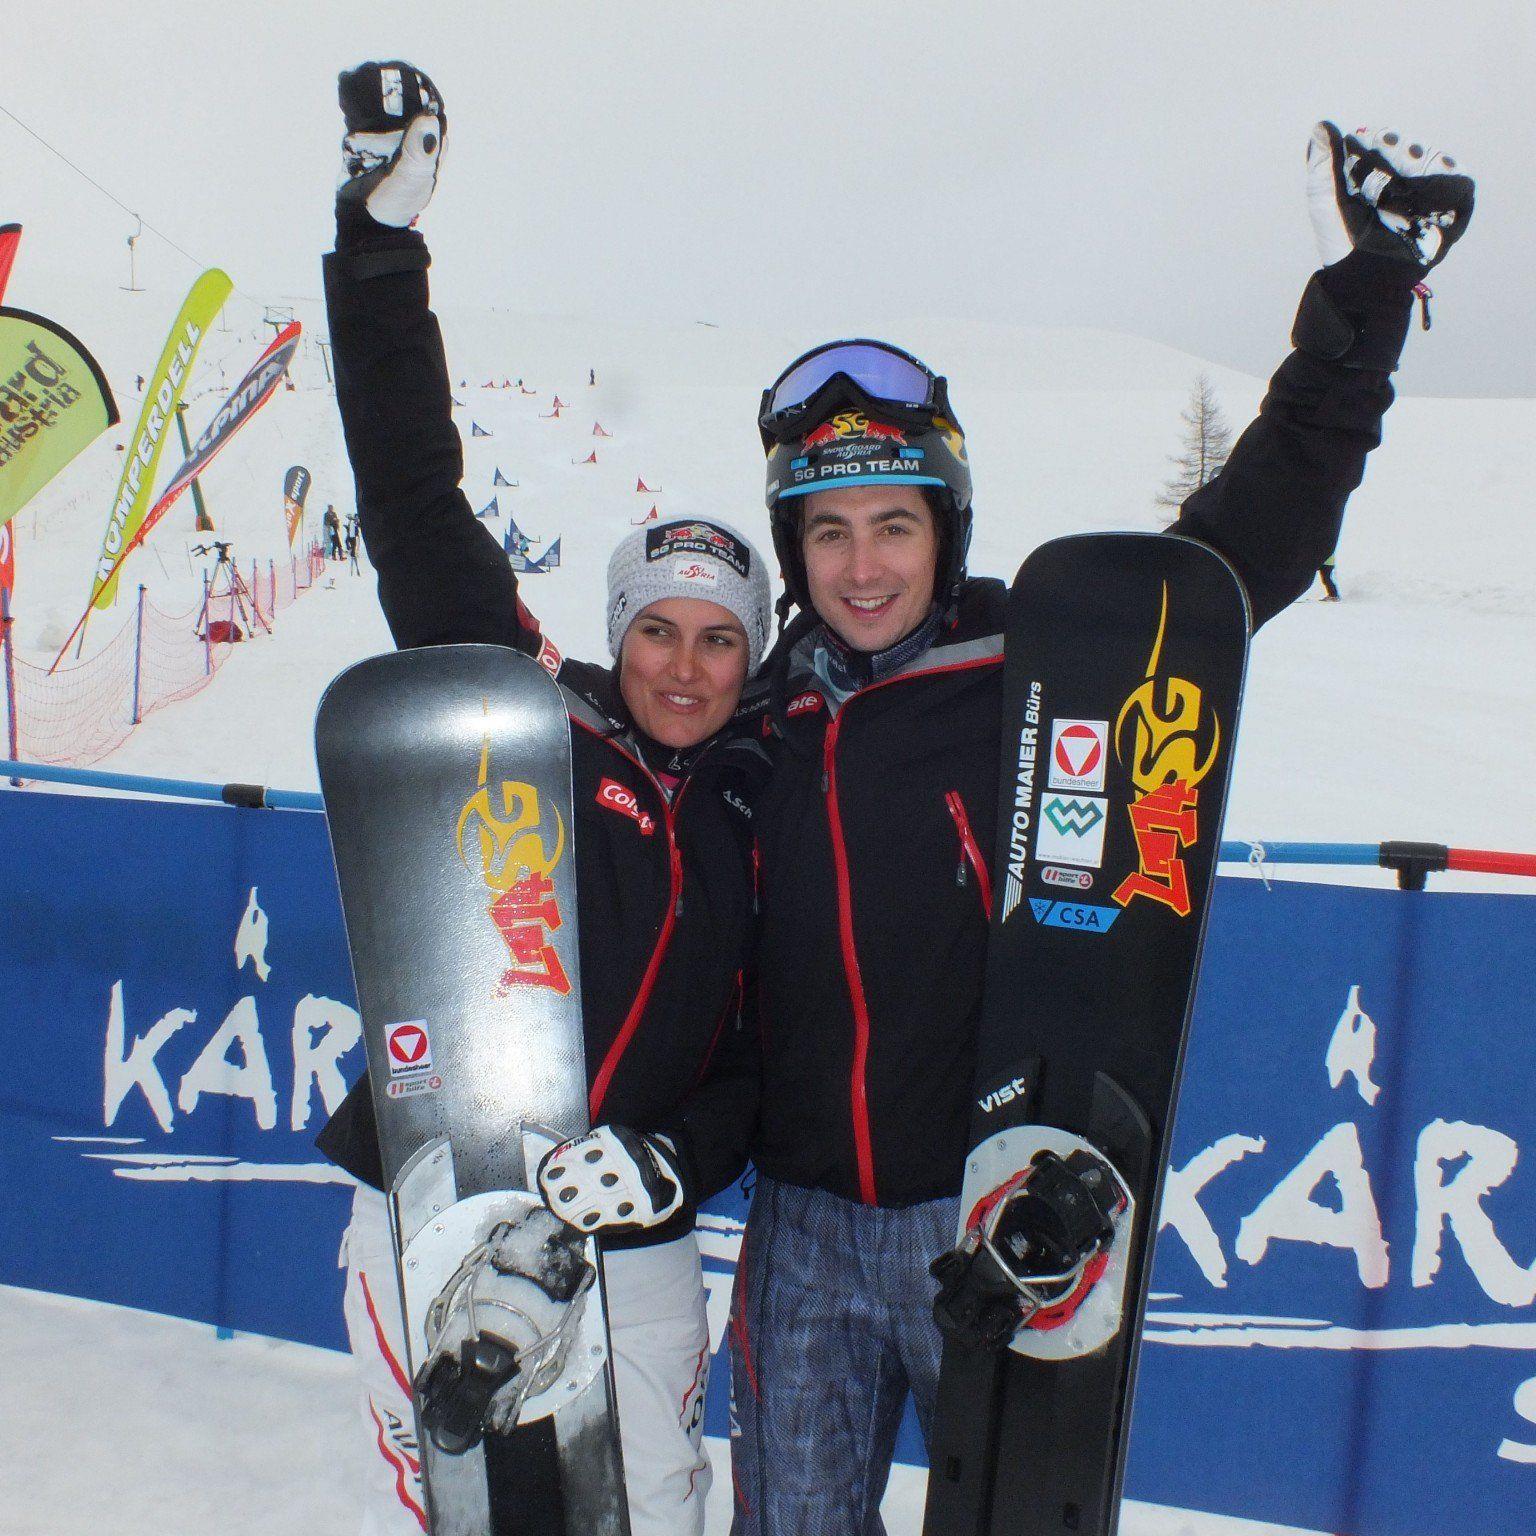 Nach seinem WC Gesamtsieg krönt sich der Montafoner zum neuen Staatsmeister im Slalom.